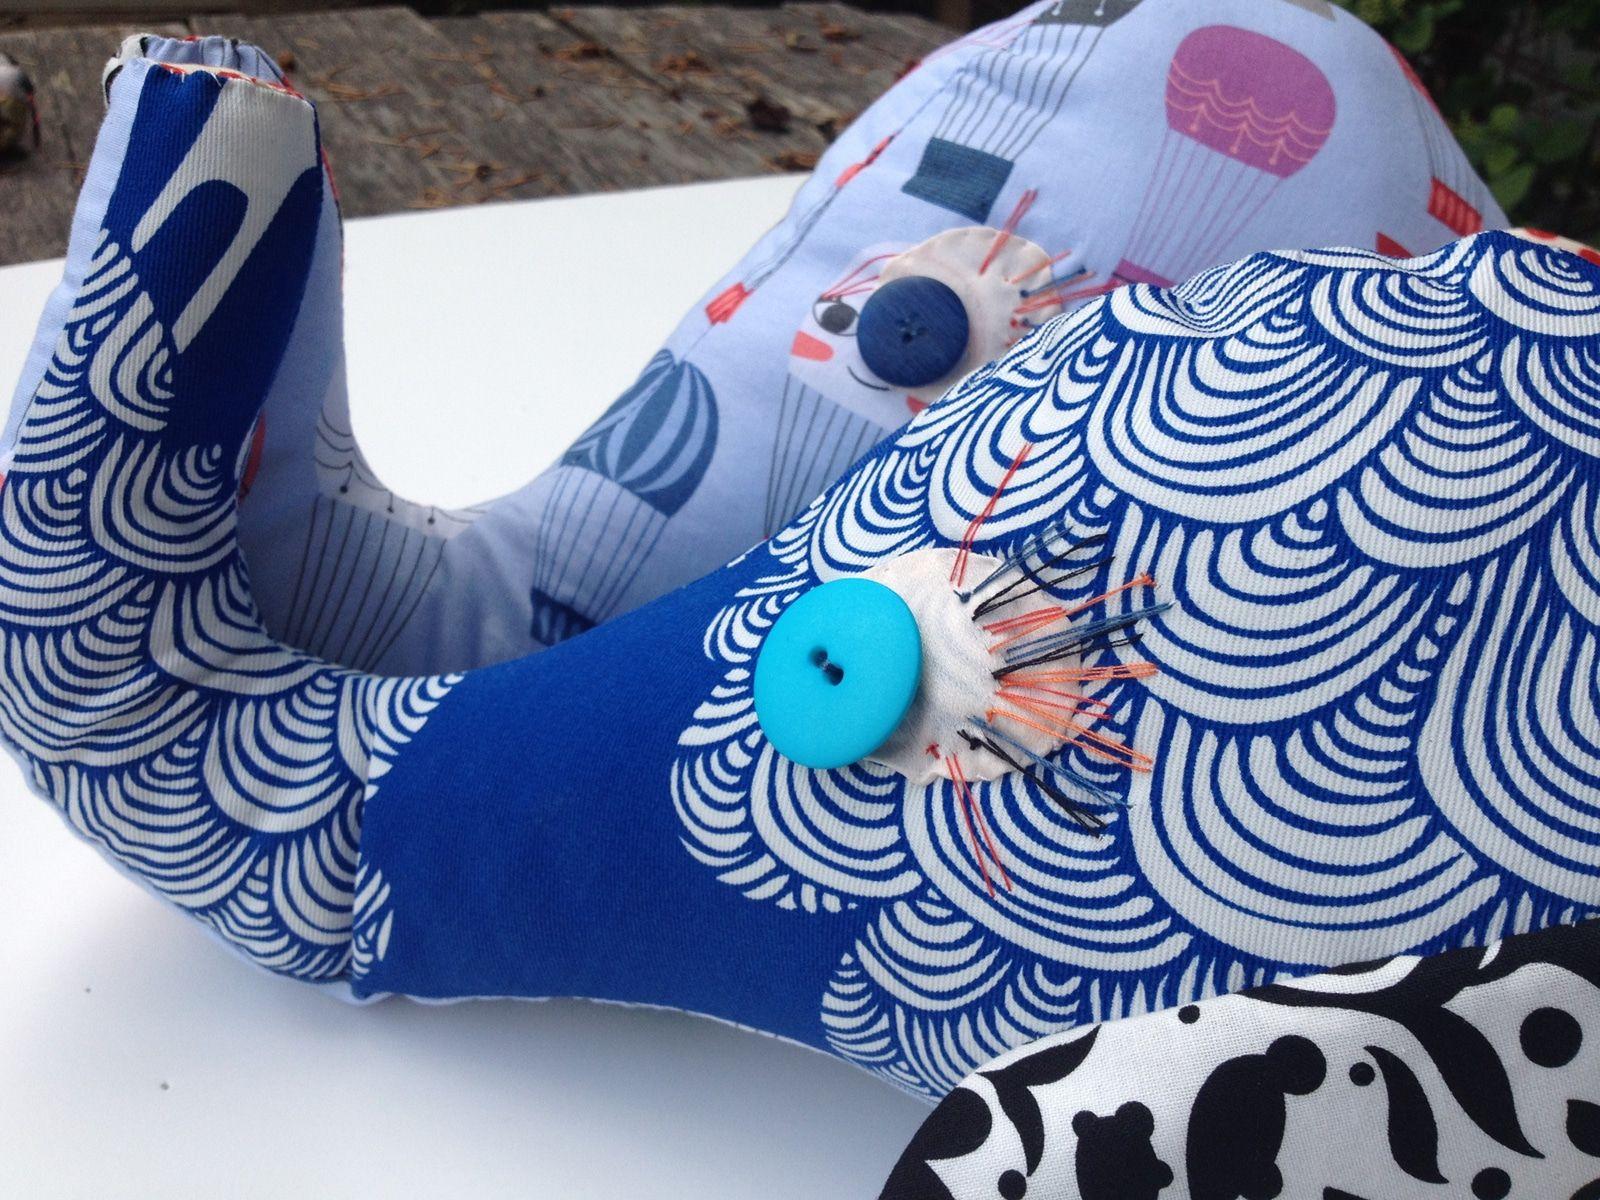 Elephant – Maya – Tissus imprimes et boutons colores – Jouets enfants – 2